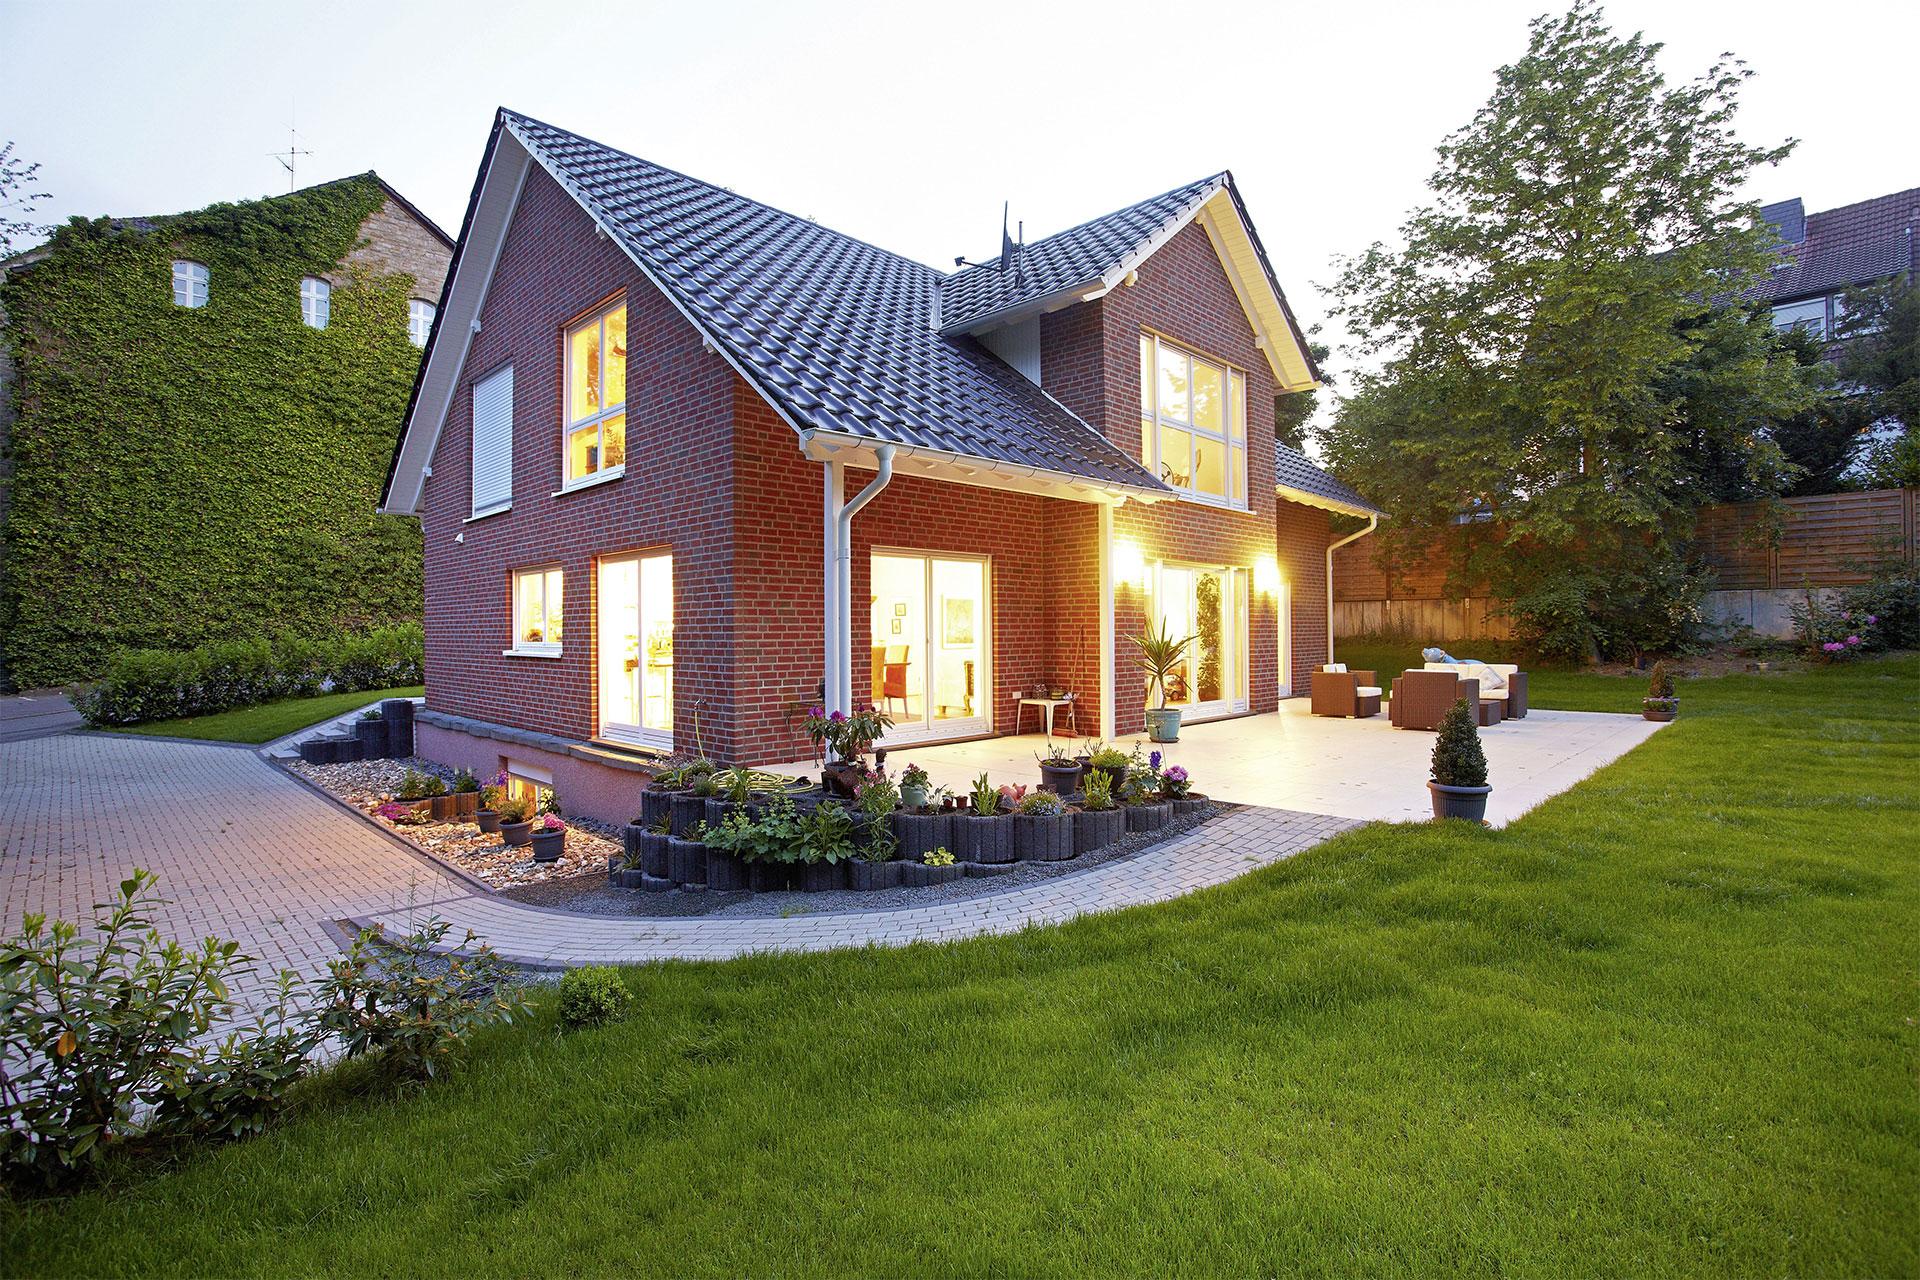 einfamilienhaus individuell geplant modell grunau ein fertighaus von gussek haus. Black Bedroom Furniture Sets. Home Design Ideas